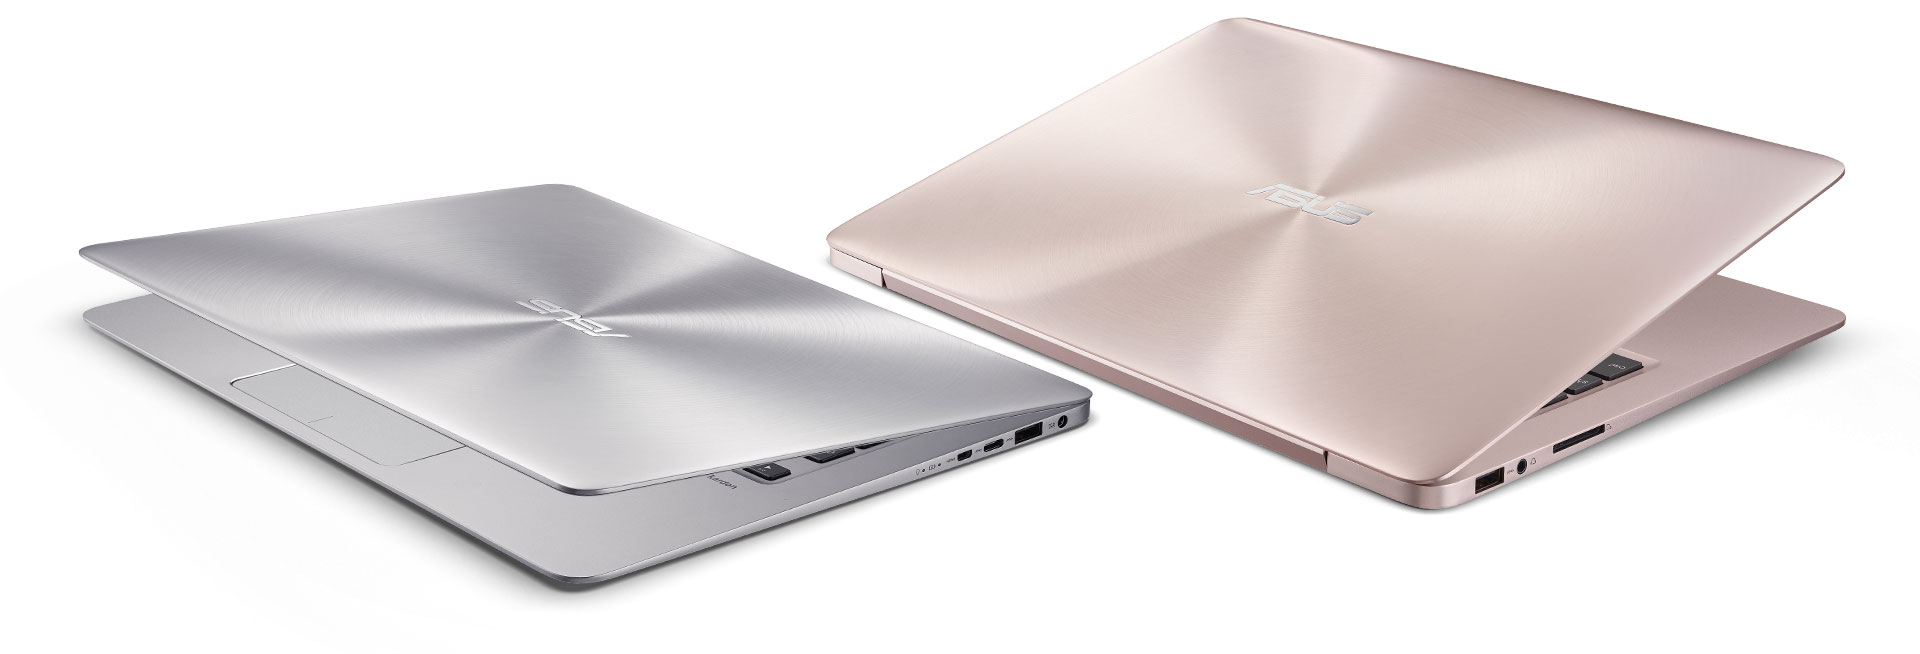 Những ưu, nhược điểm của 11 laptop được người tiêu dùng lựa chọn nhiều nhất năm 2016